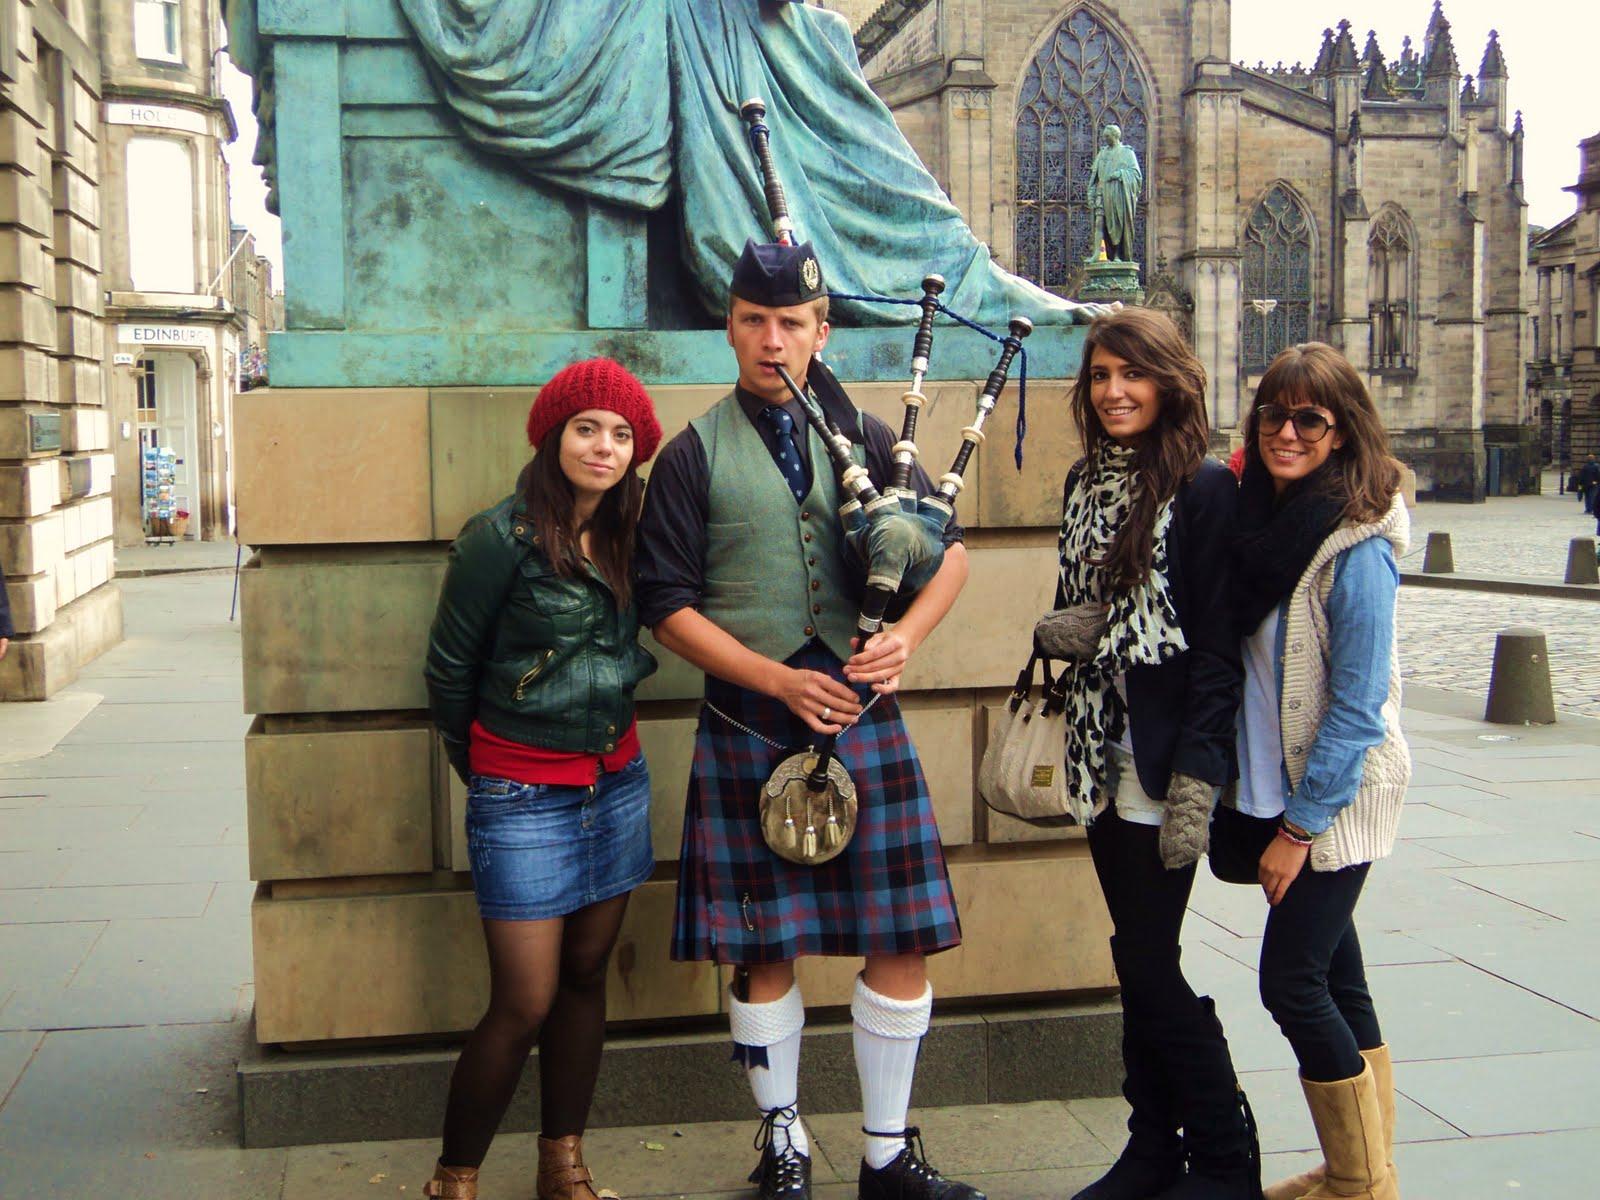 Resultado de imagen para Escoceses gente